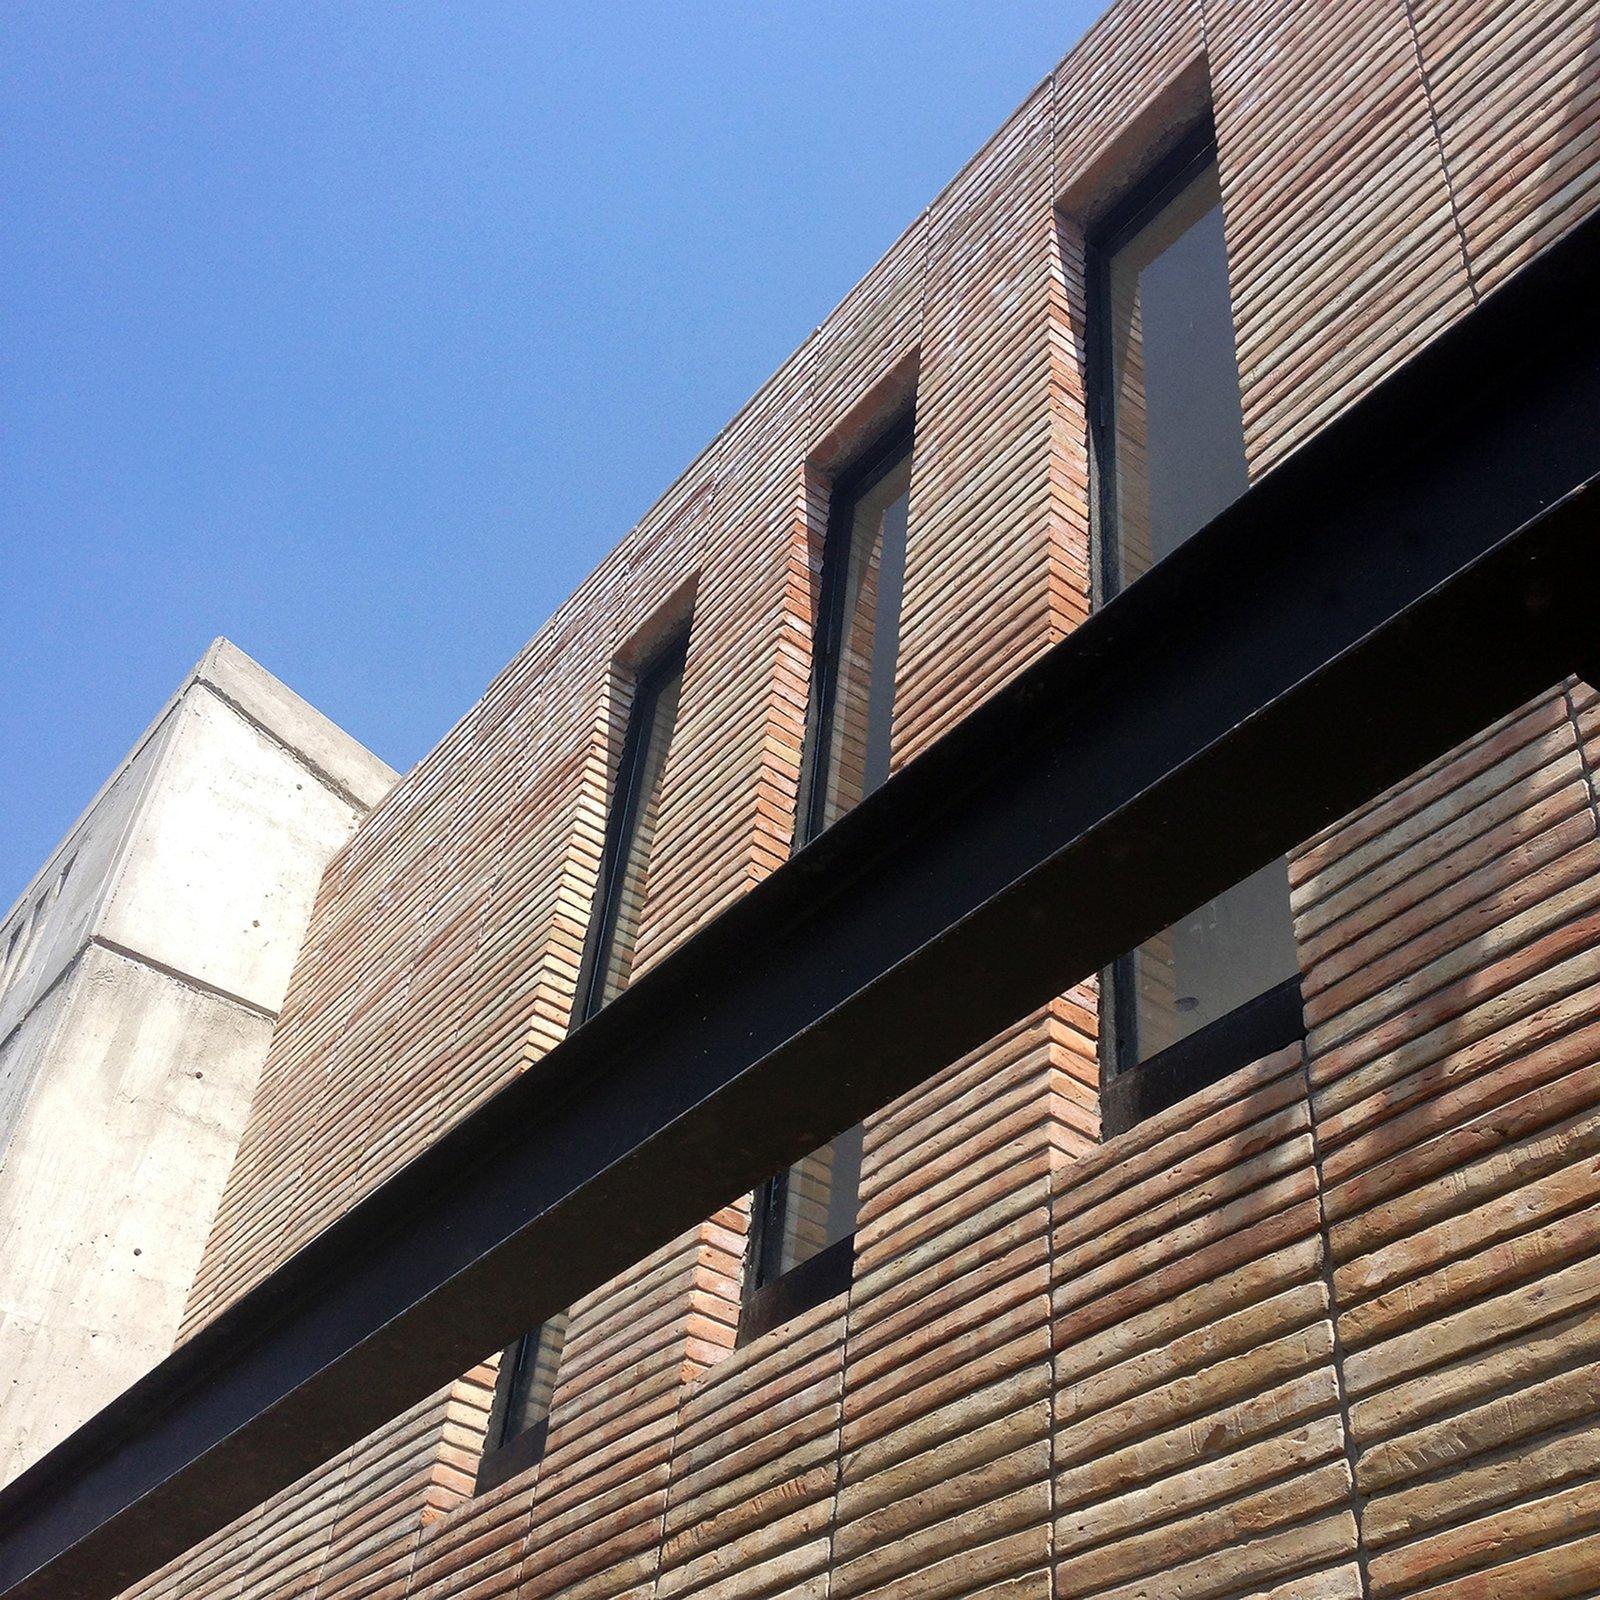 Detail - South Facade